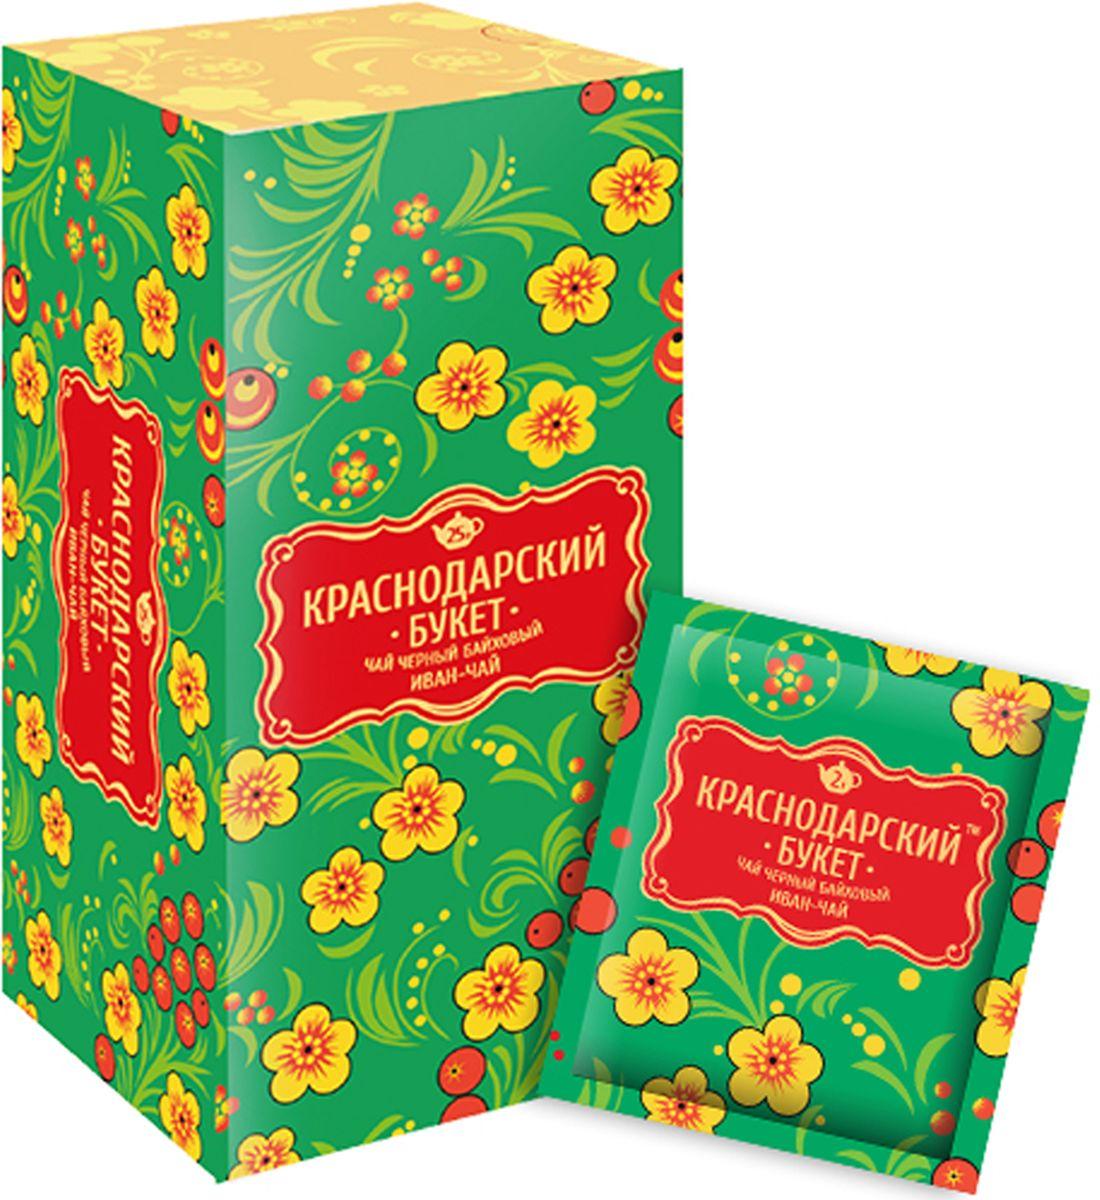 Краснодарский букет чай черный с иван-чаем в пакетиках, 25 шт4607051543058Иван-чай придает напитку приятный, чуть терпкий вкус с душистым цветочно-травяным ароматом.